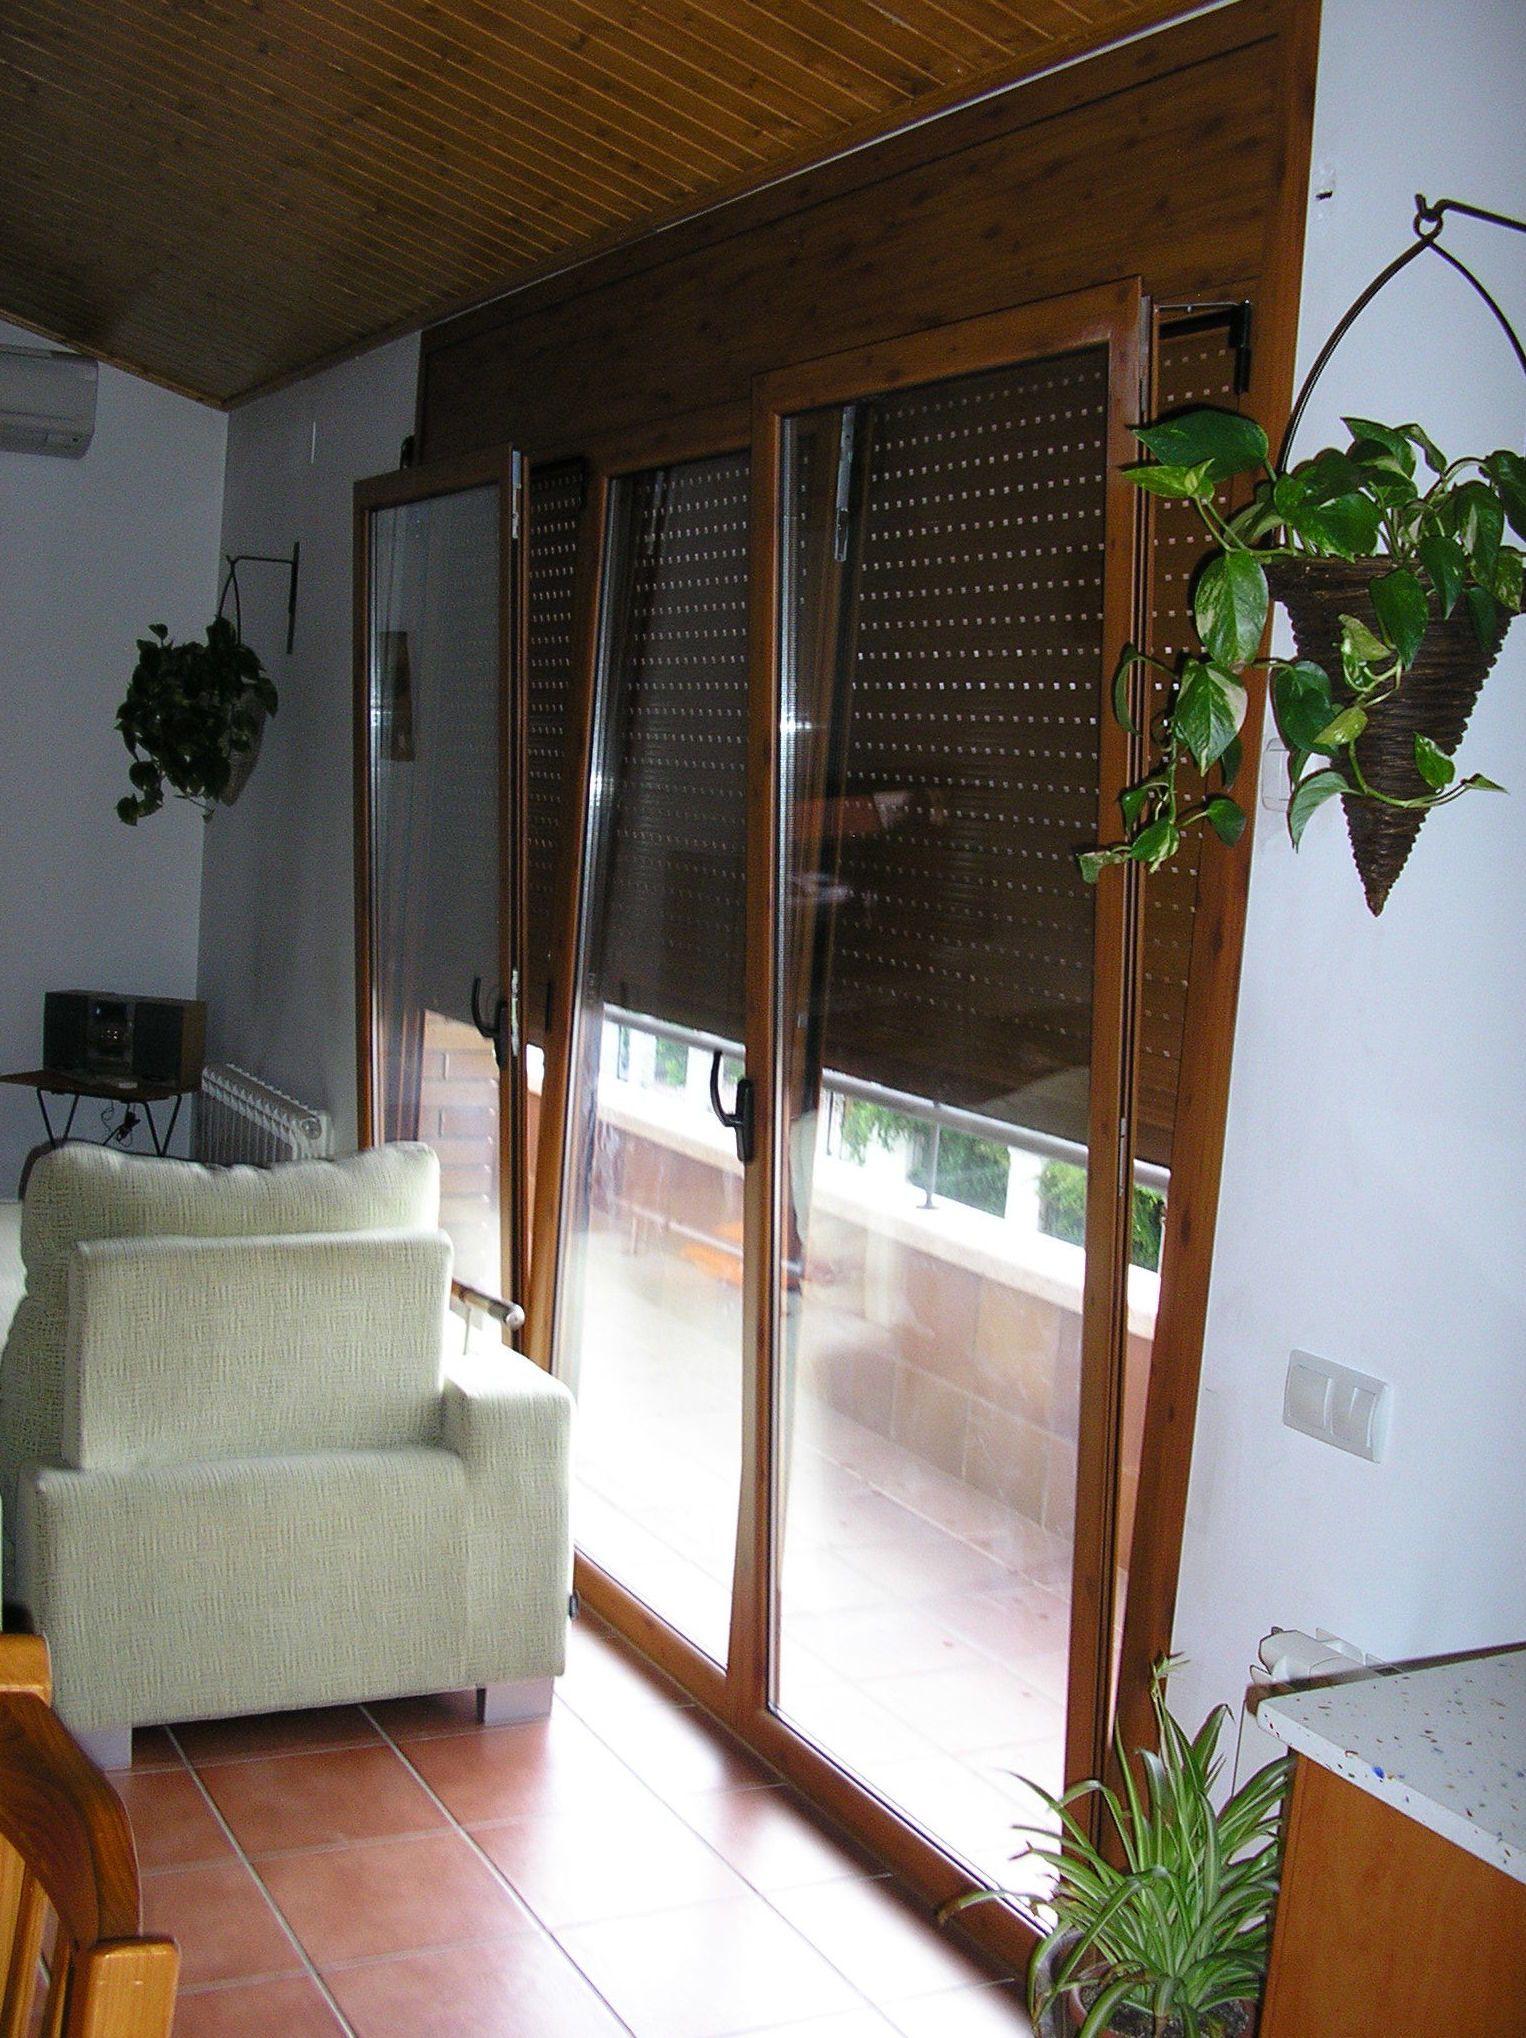 Instalaci n de ventanas de aluminio en manresa barcelona for Instalacion de ventanas de aluminio